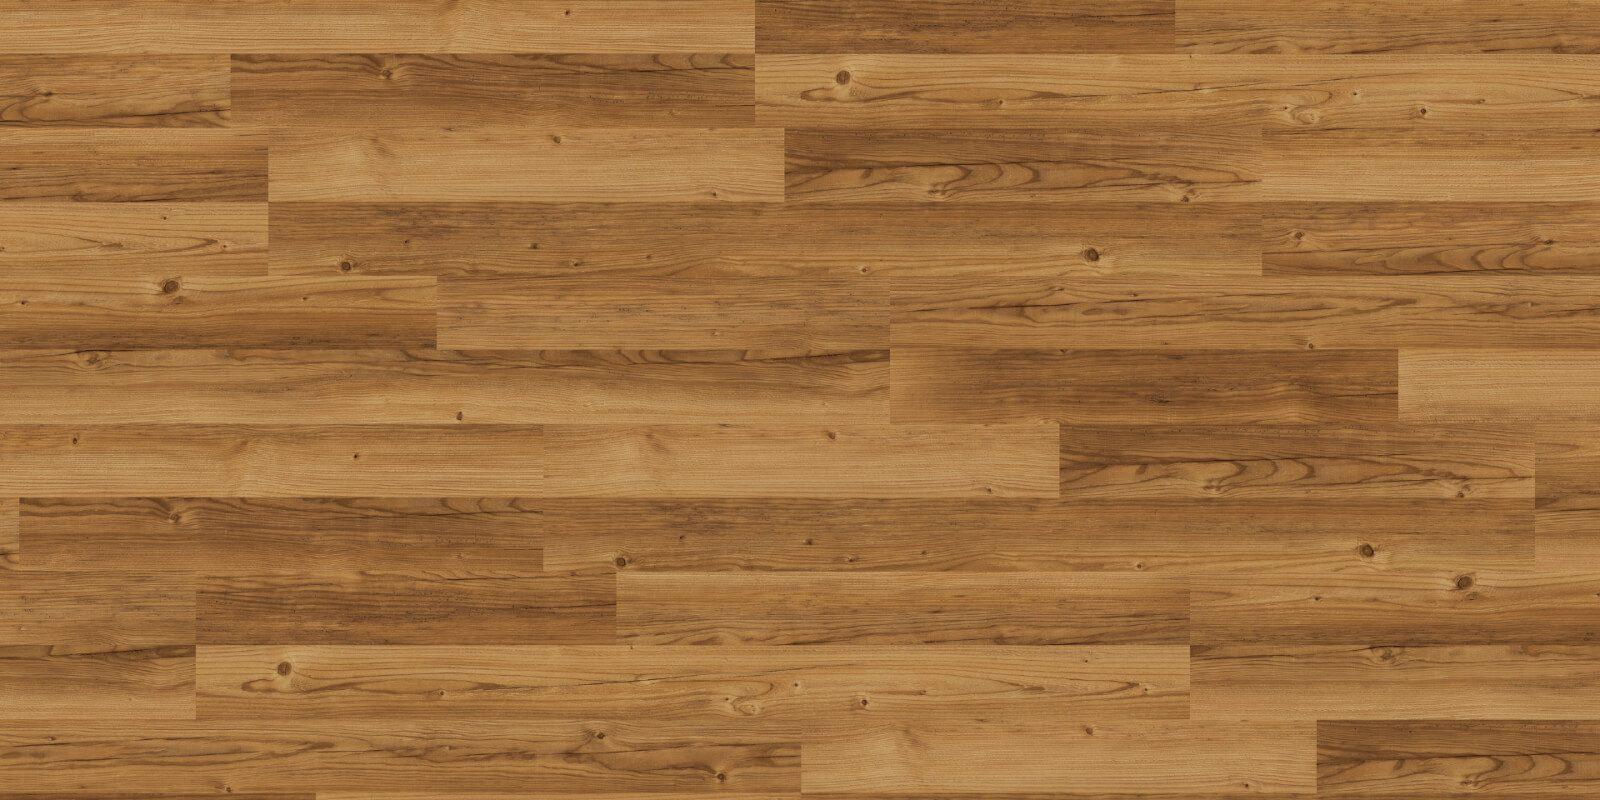 laminat parador pine forester market parket. Black Bedroom Furniture Sets. Home Design Ideas